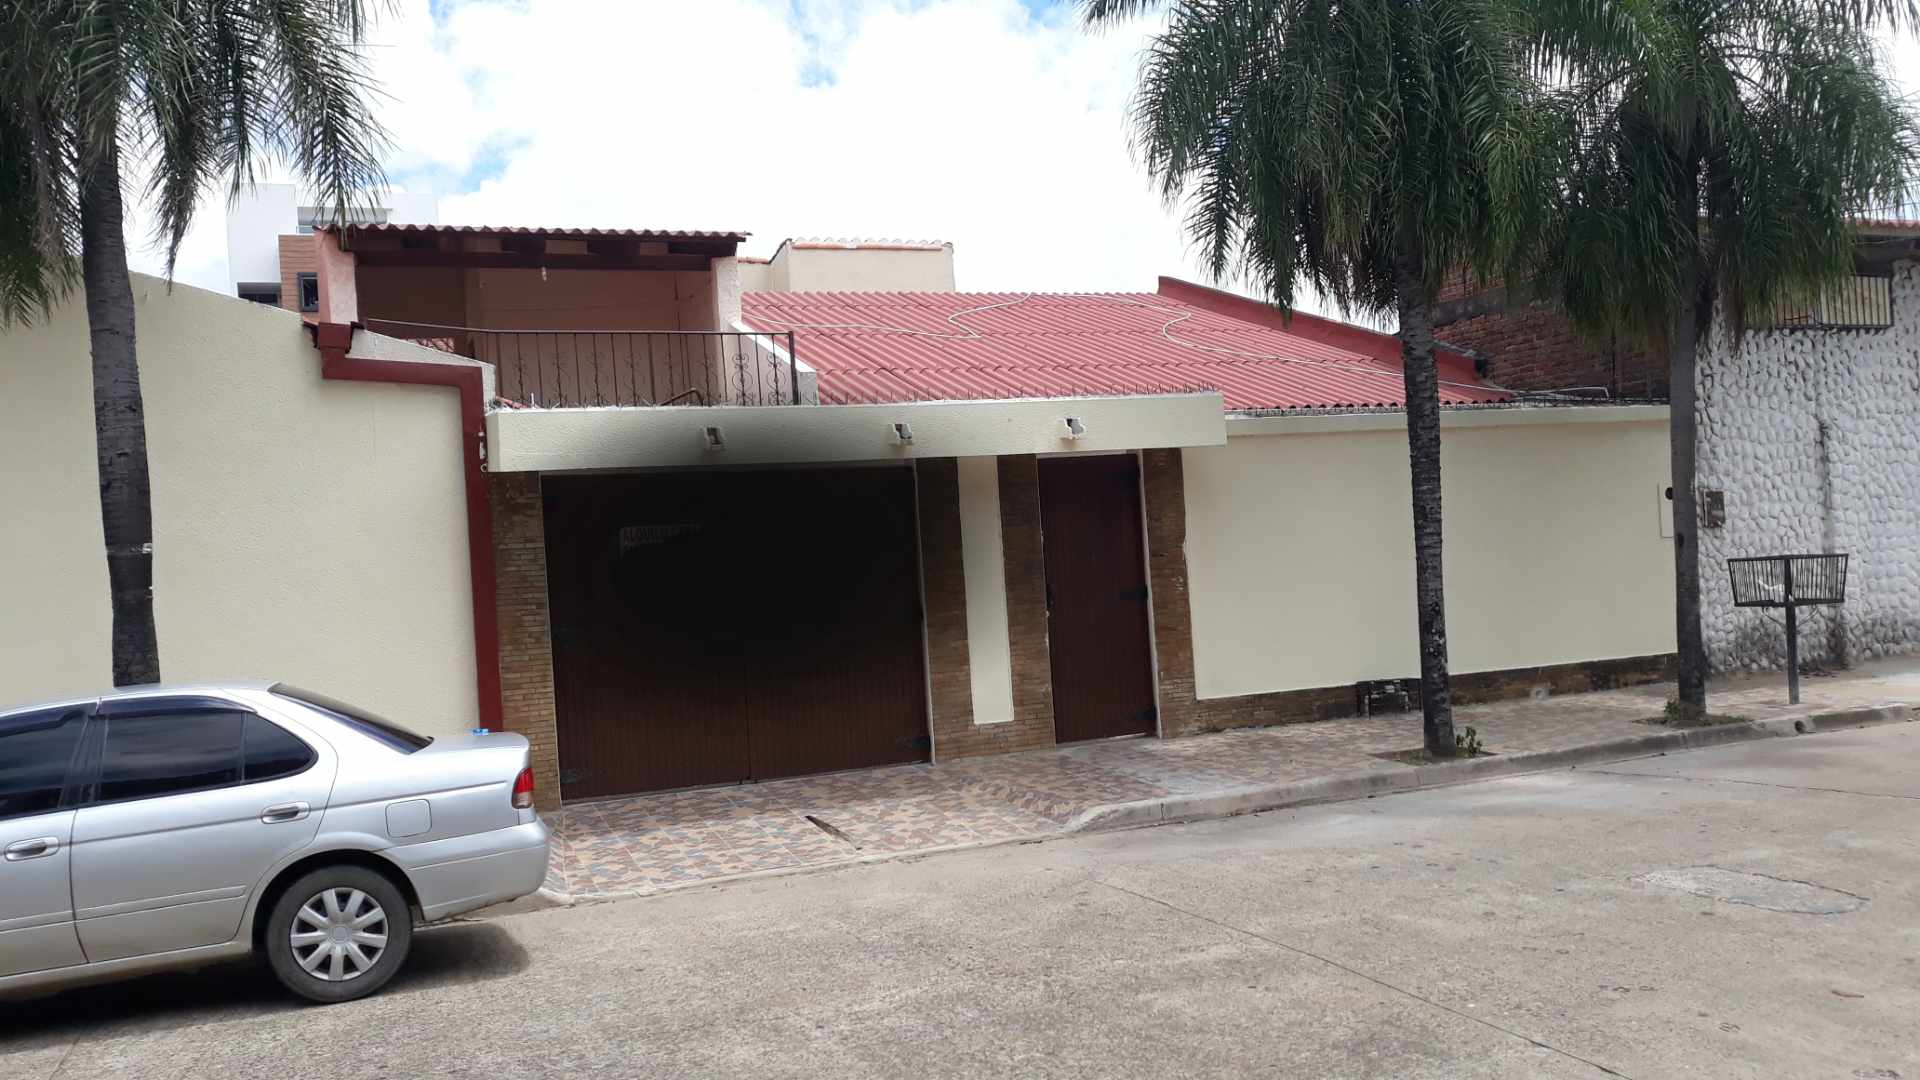 Casa en Alquiler Av. roca y coronado 2do y 3er anillo Foto 1